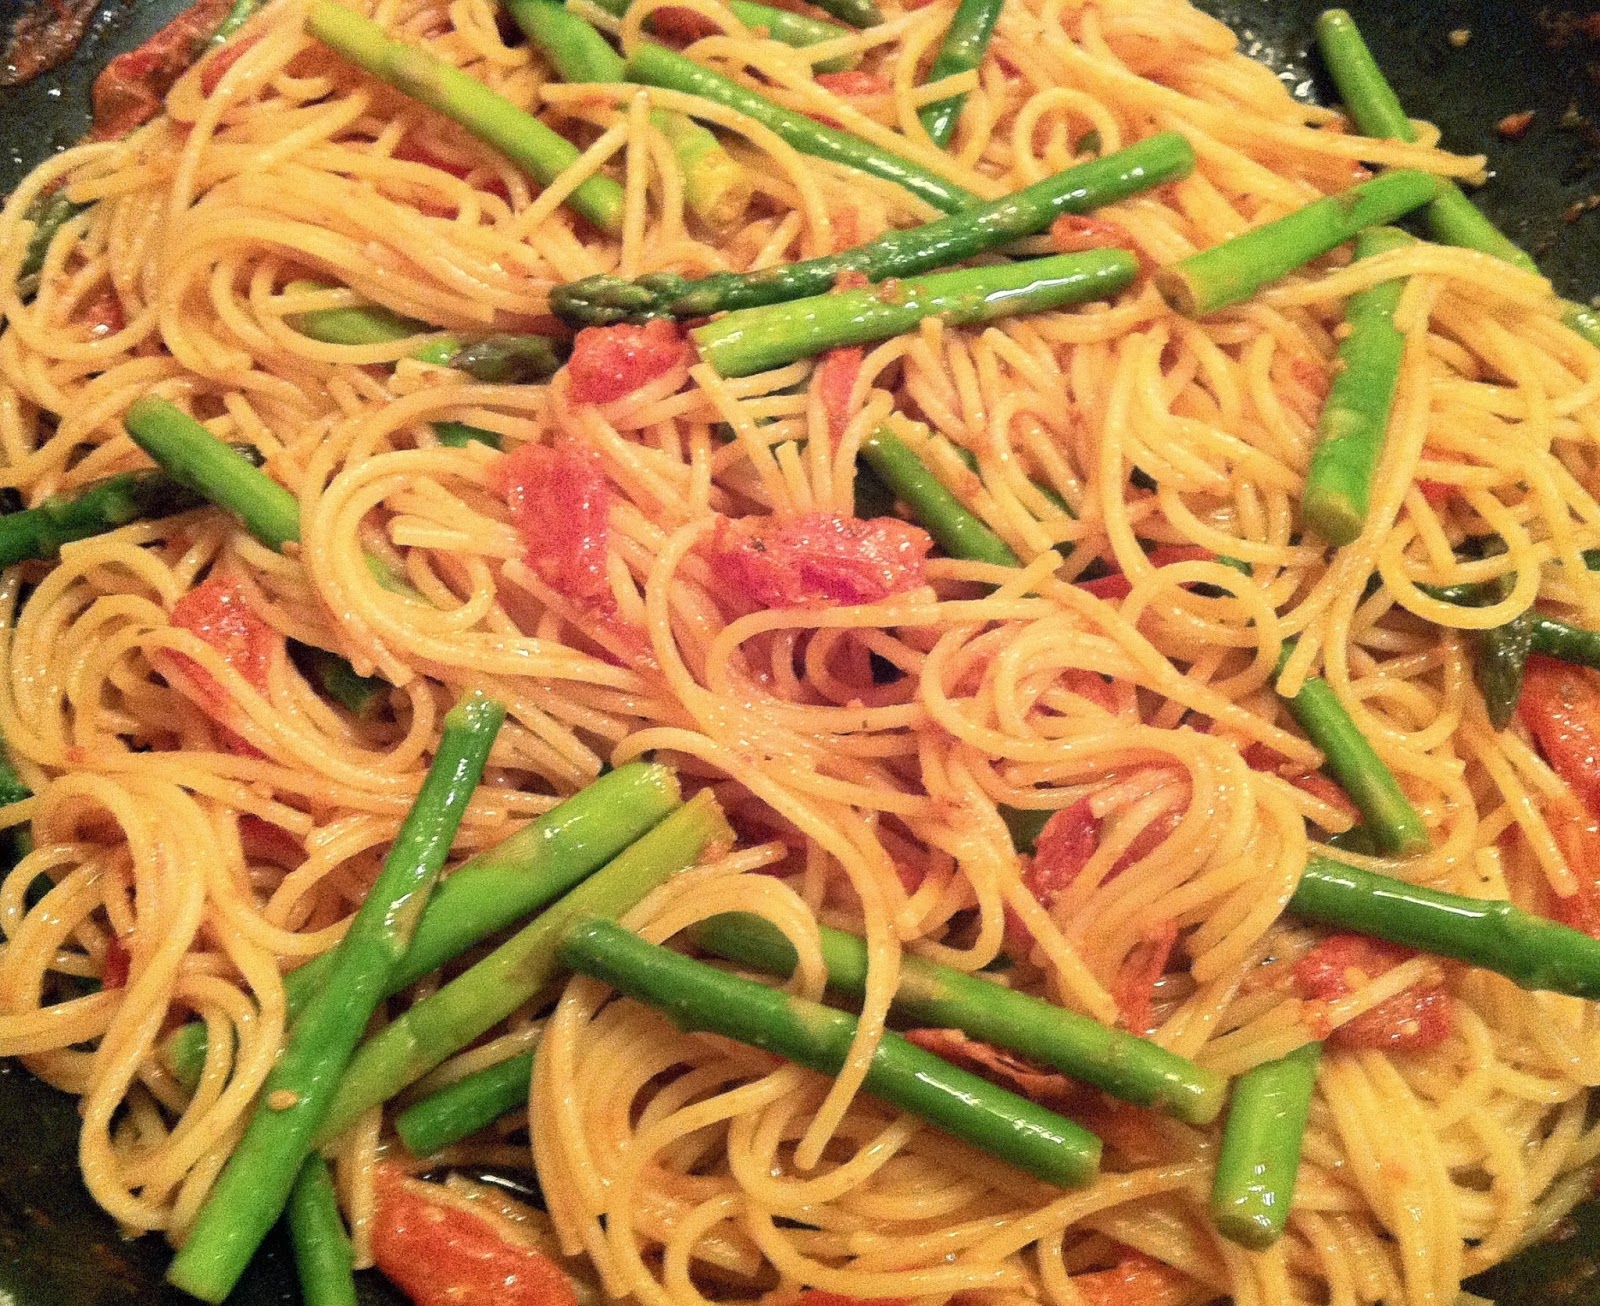 Vegan Adjacent: Tomato and Asparagus Pasta